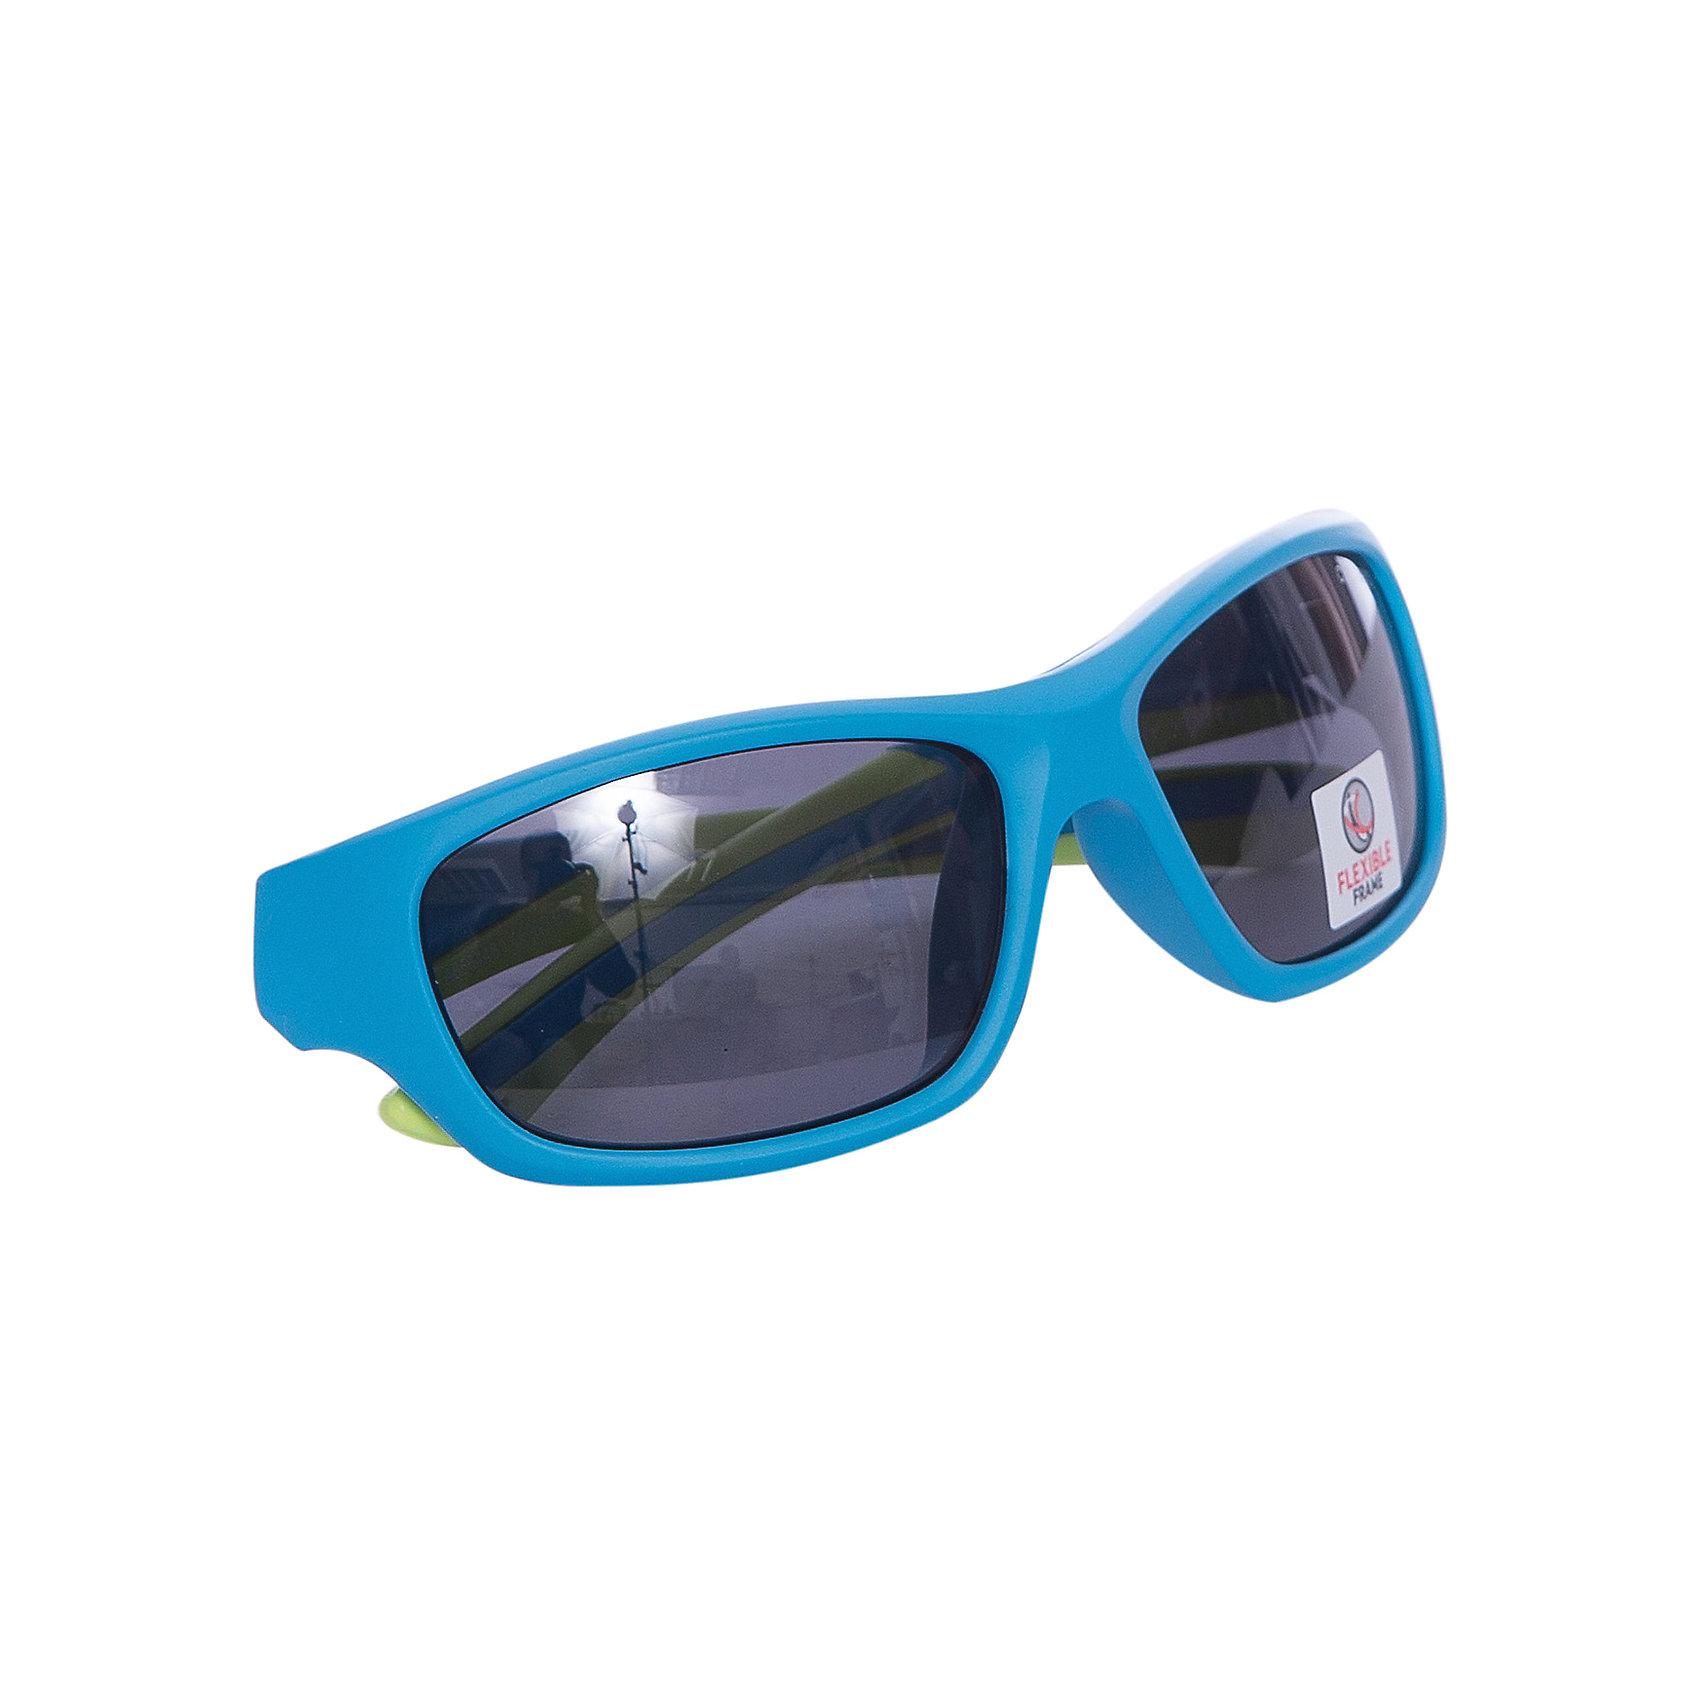 Очки солнцезащитные FLEXXY YOUTH, голубые, ALPINAСолнцезащитные очки<br><br><br>Ширина мм: 154<br>Глубина мм: 73<br>Высота мм: 53<br>Вес г: 43<br>Цвет: синий<br>Возраст от месяцев: 96<br>Возраст до месяцев: 1164<br>Пол: Унисекс<br>Возраст: Детский<br>SKU: 4467489